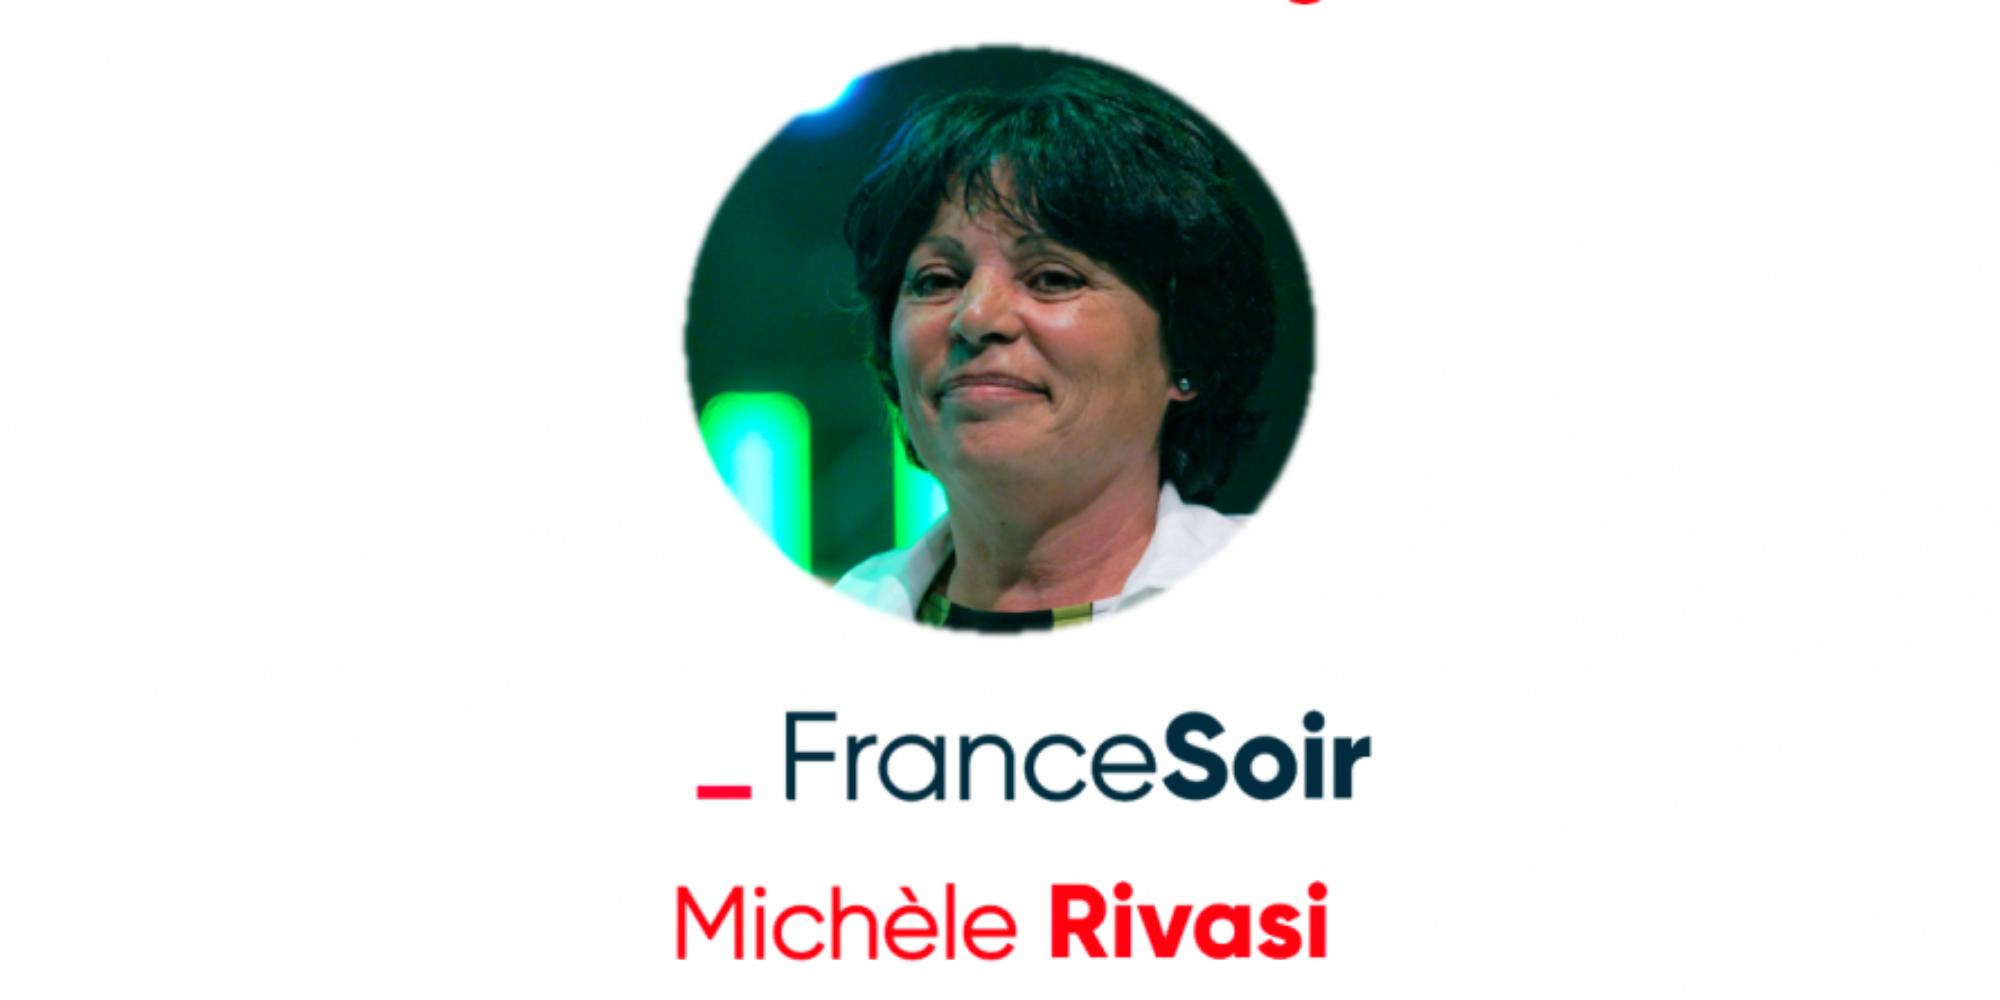 Michèle Rivasi Débriefing FranceSoir Bonsens.org